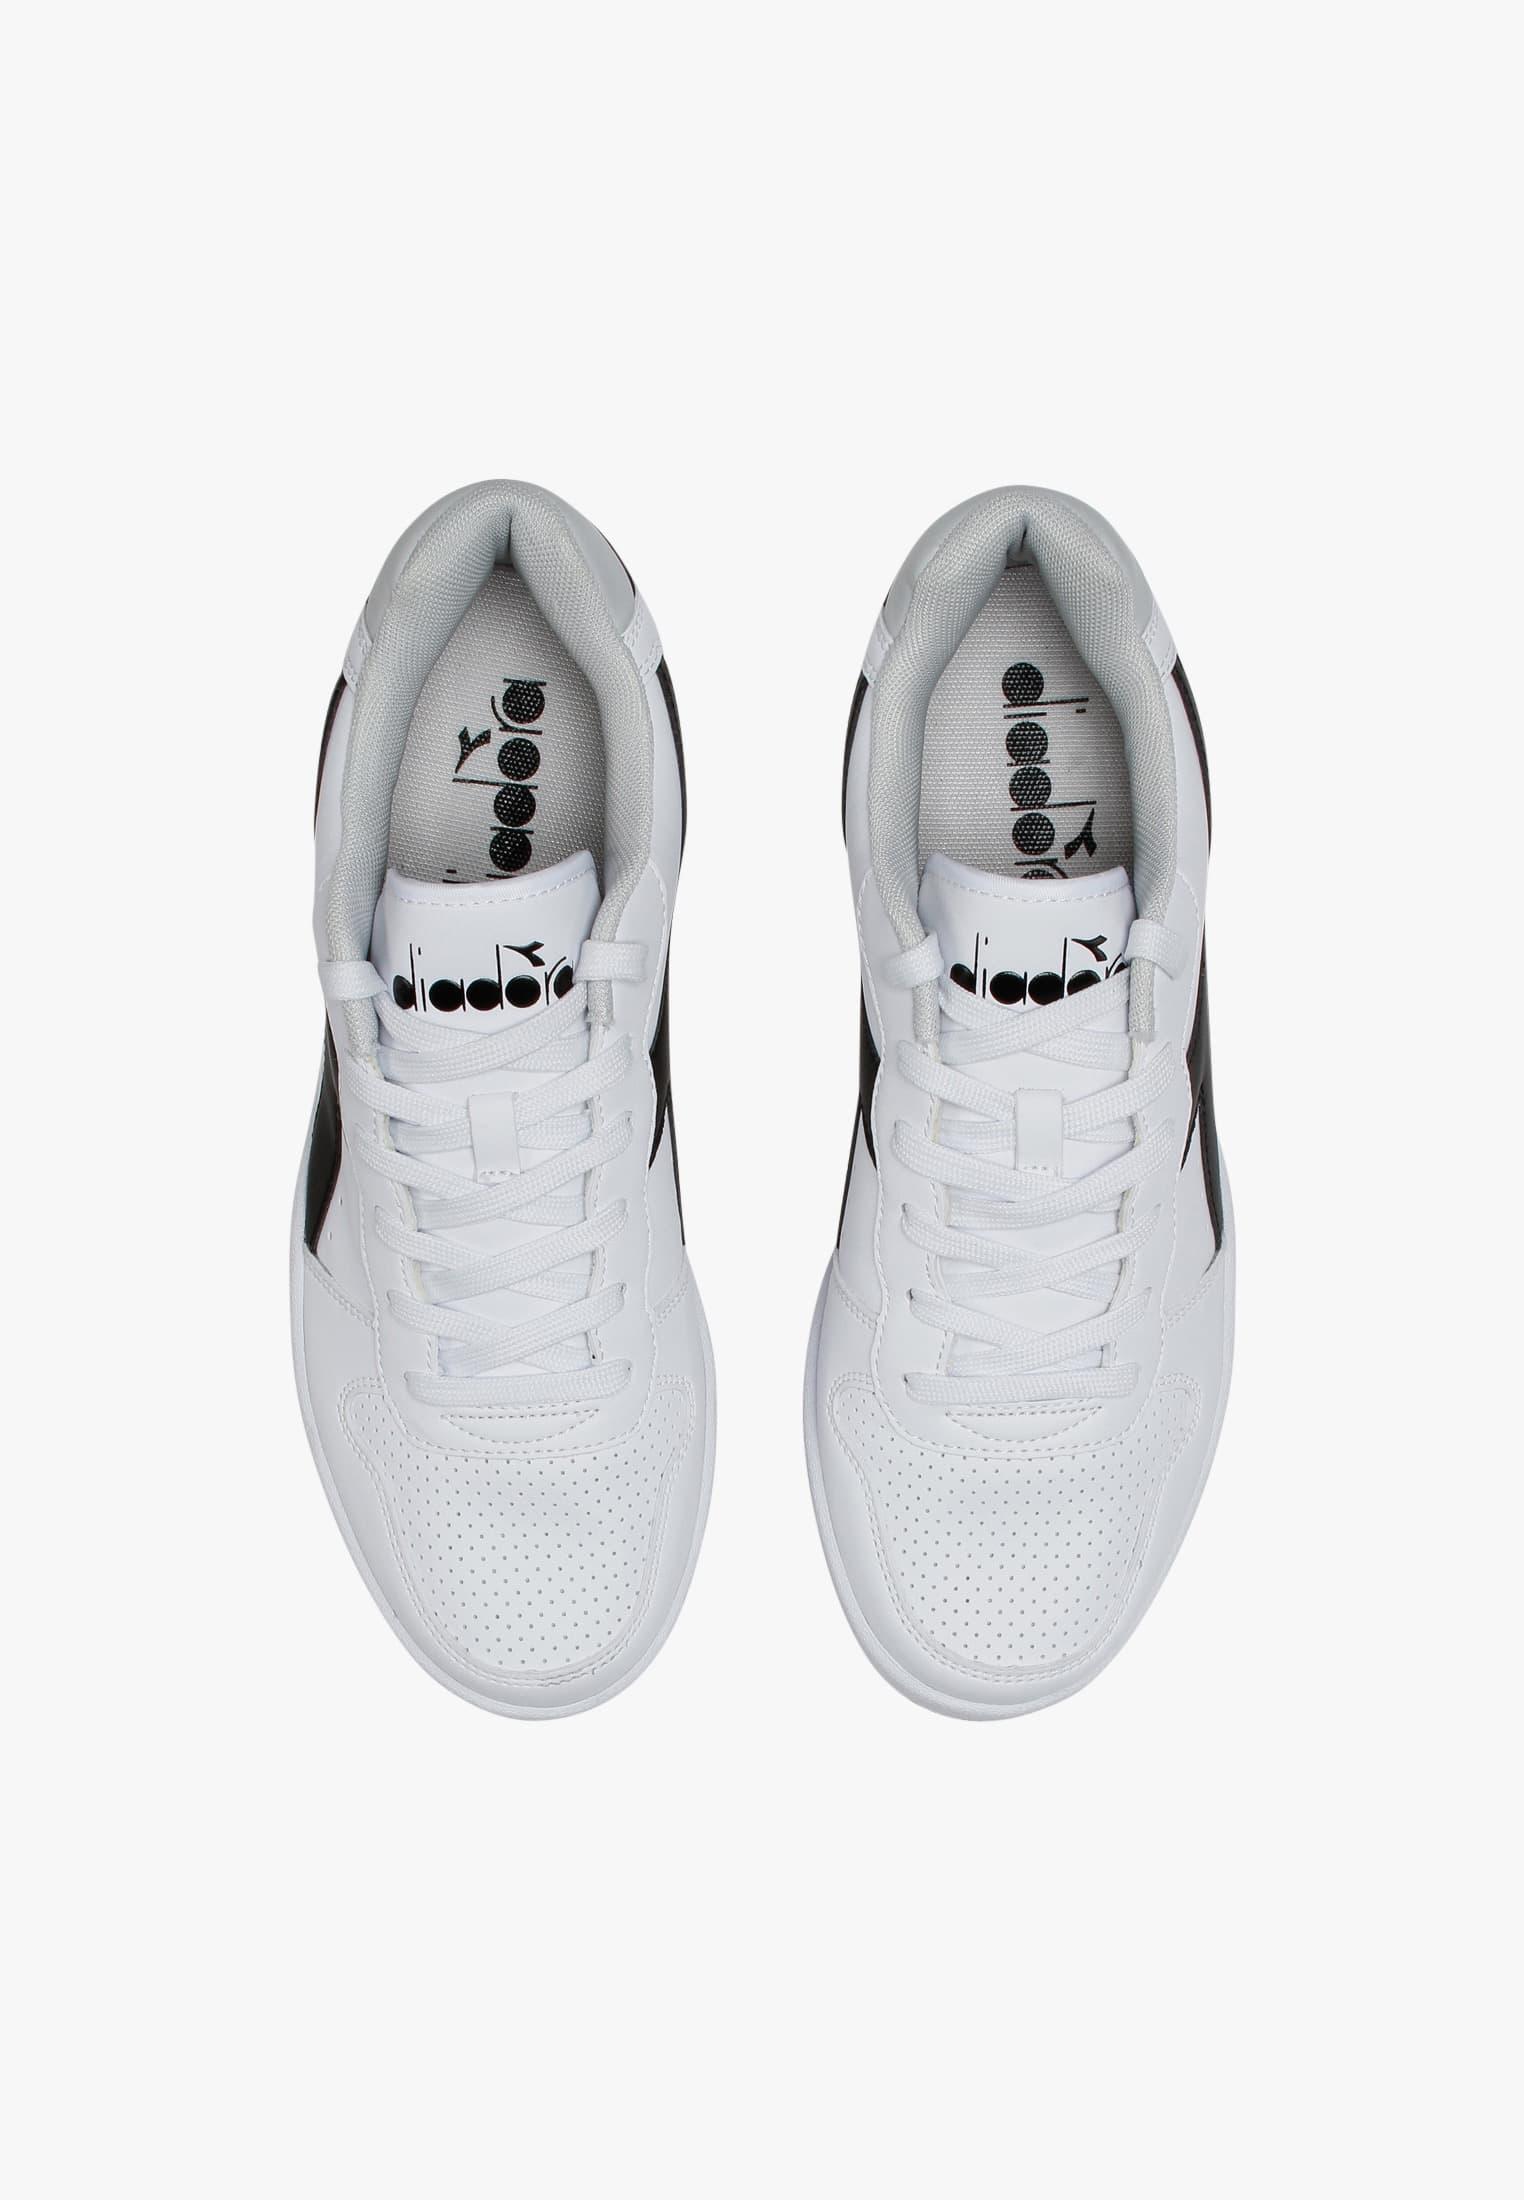 Scarpe-Diadora-Playground-Sneakers-sportive-uomo-donna-vari-colori-piu-taglie miniatura 43